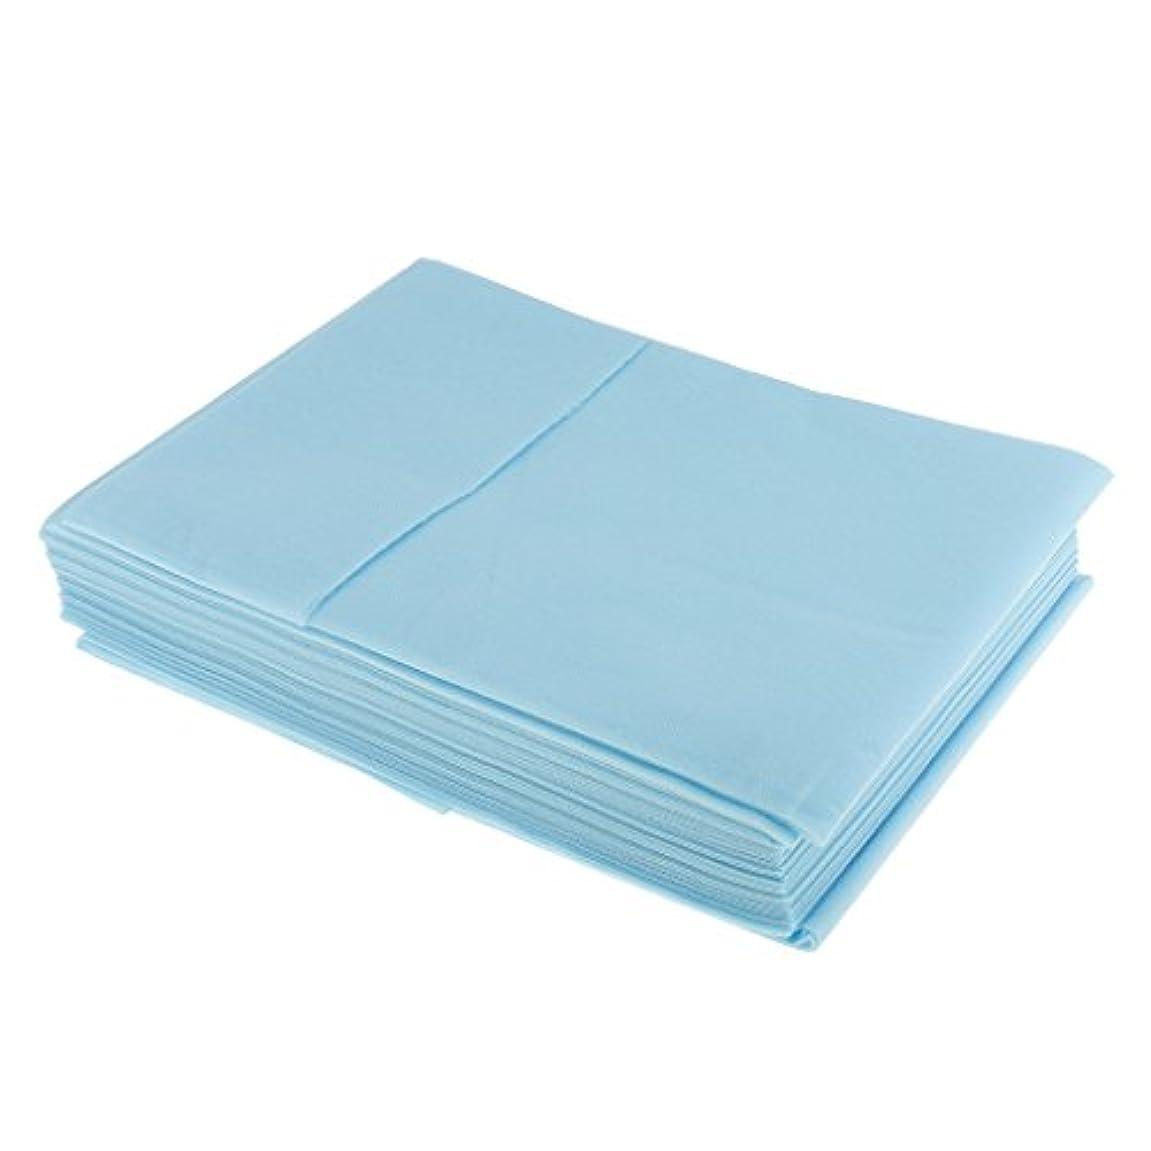 熟考するライオネルグリーンストリート白内障SONONIA 使い捨て 美容室/マッサージ/サロン/ホテル ベッドパッド 無織PP 衛生シート 10枚 全3色選べ - 青